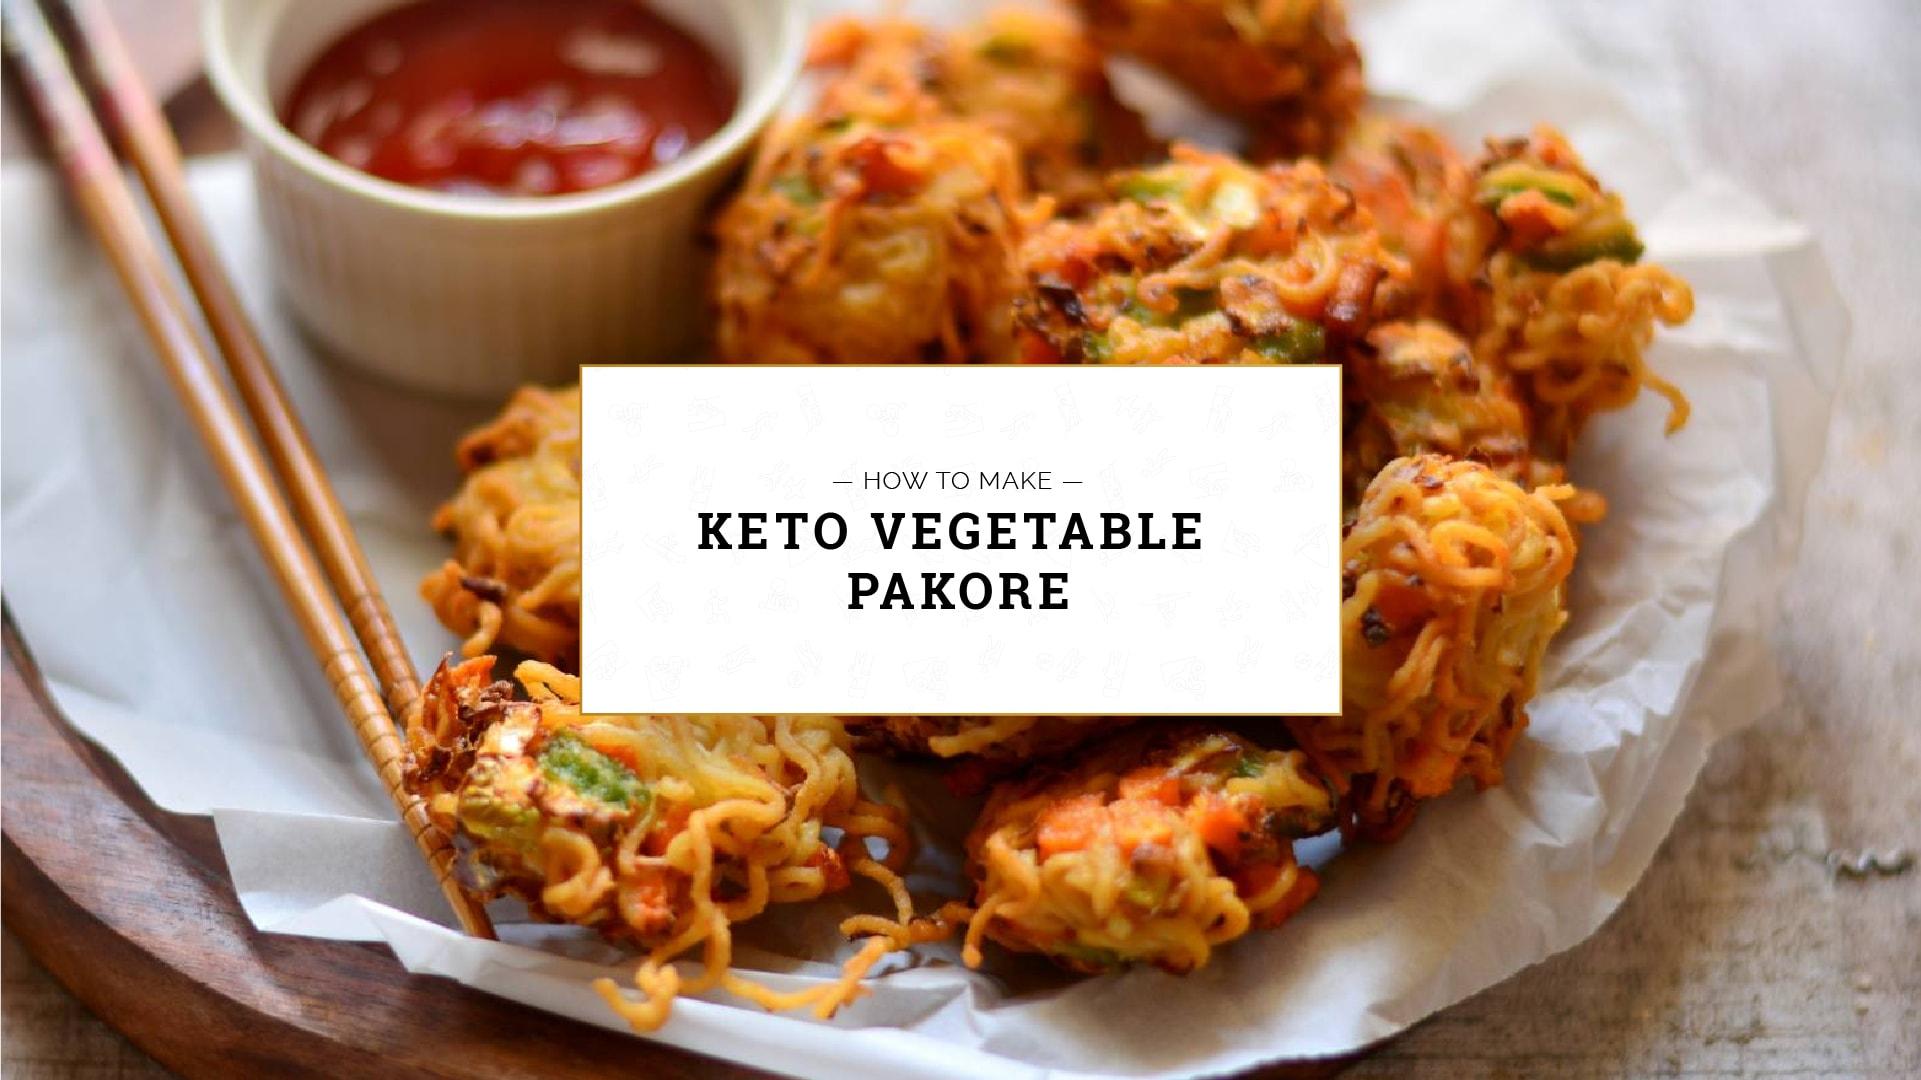 Keto Vegetable Pakore, How to make keto vegetable pakore